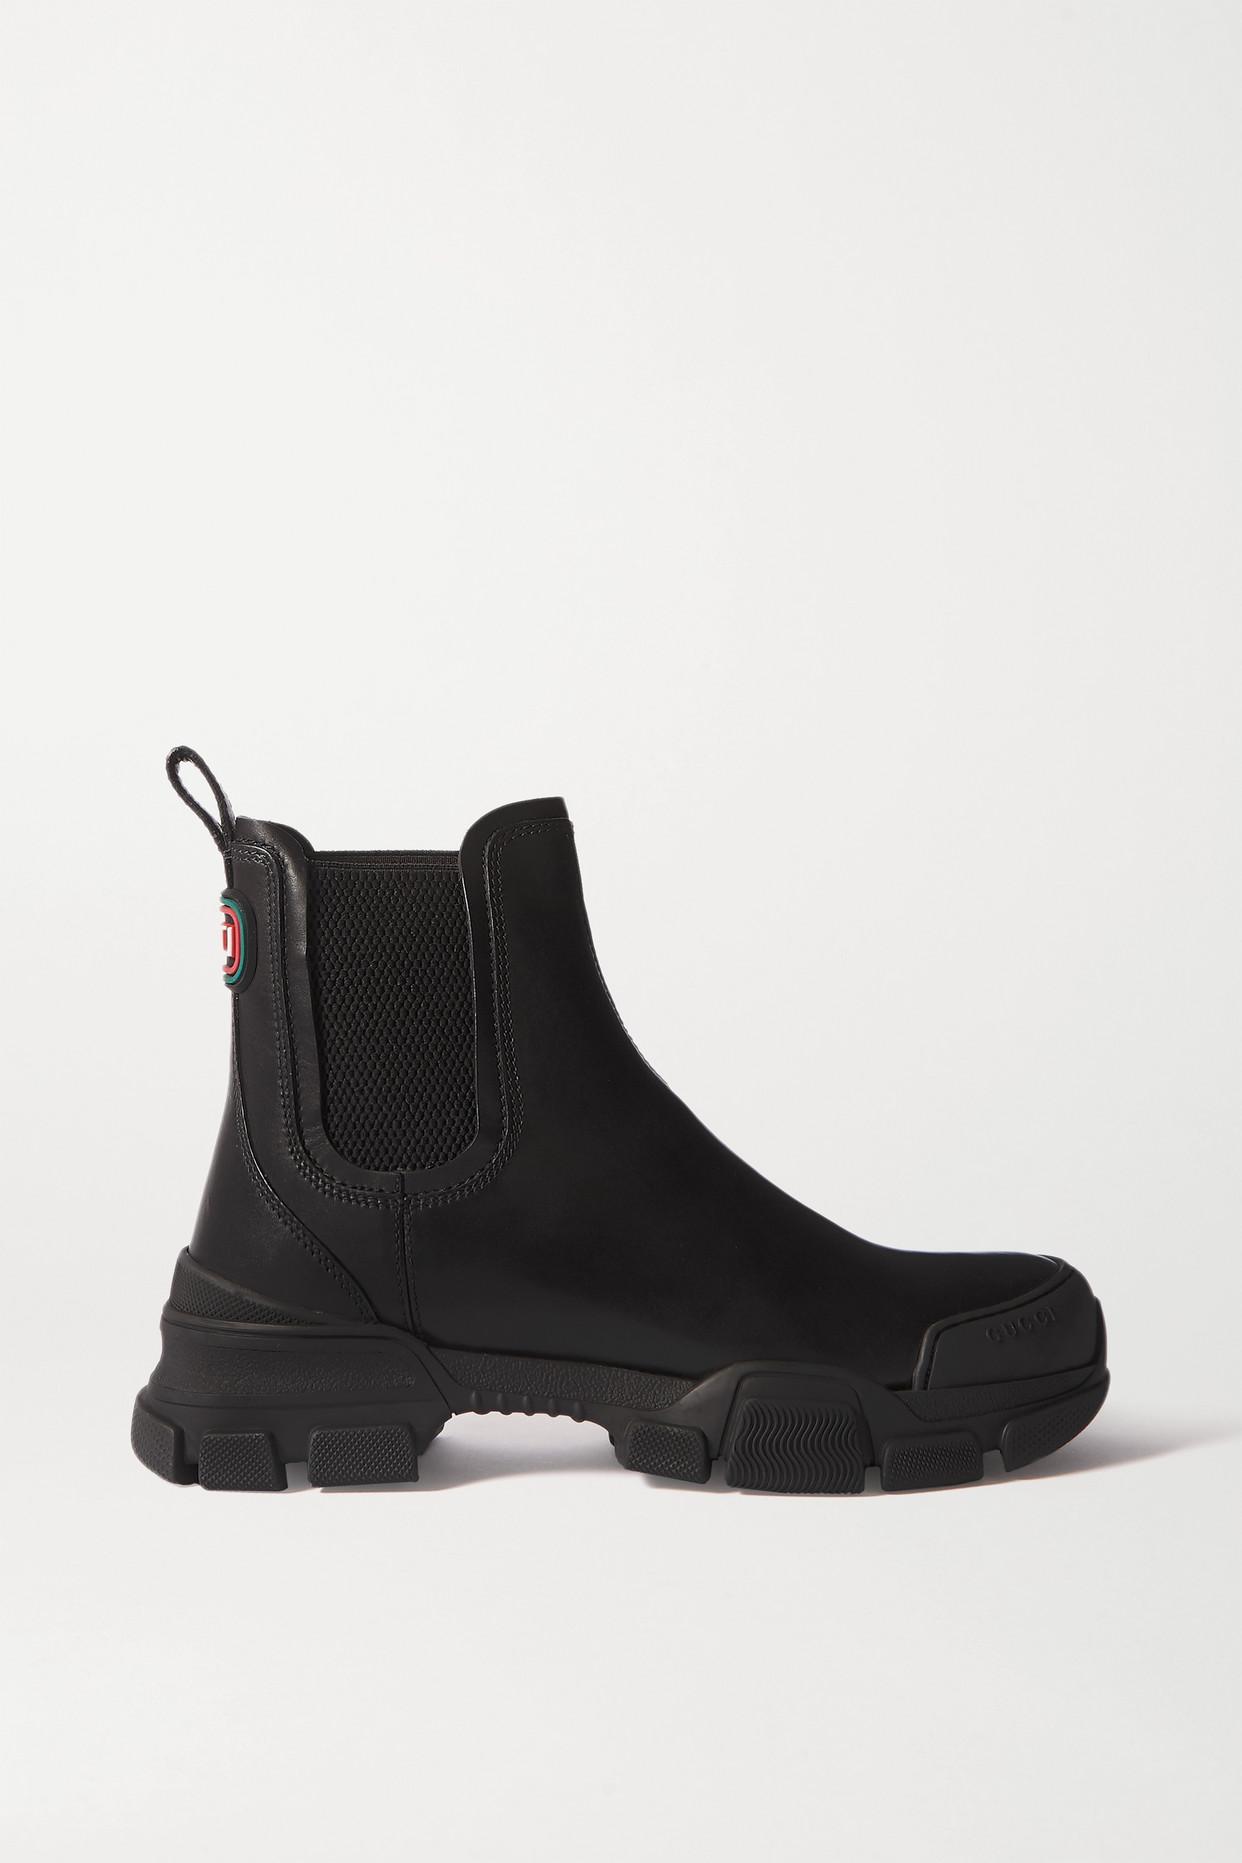 GUCCI - Leon 皮革切尔西靴 - 黑色 - IT36